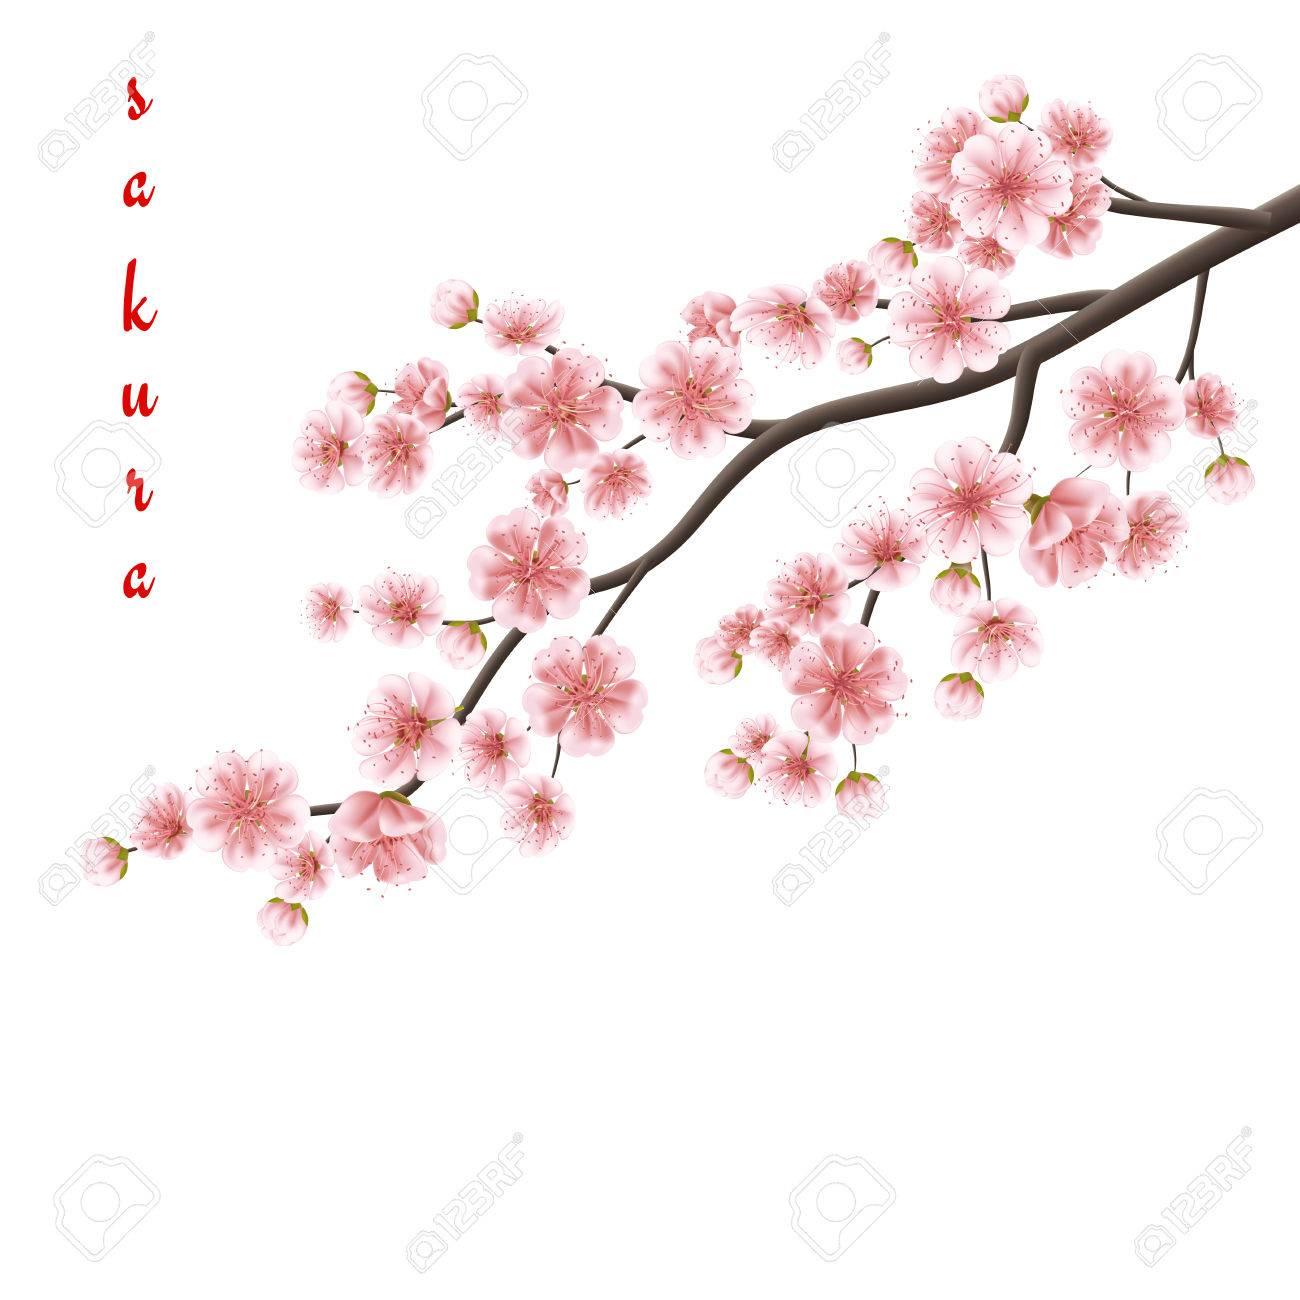 Realiste Sakura Japon Branche De Cerisier Avec Des Fleurs En Fleurs Fichier 10 Vecteur Eps Inclus Clip Art Libres De Droits Vecteurs Et Illustration Image 56474831